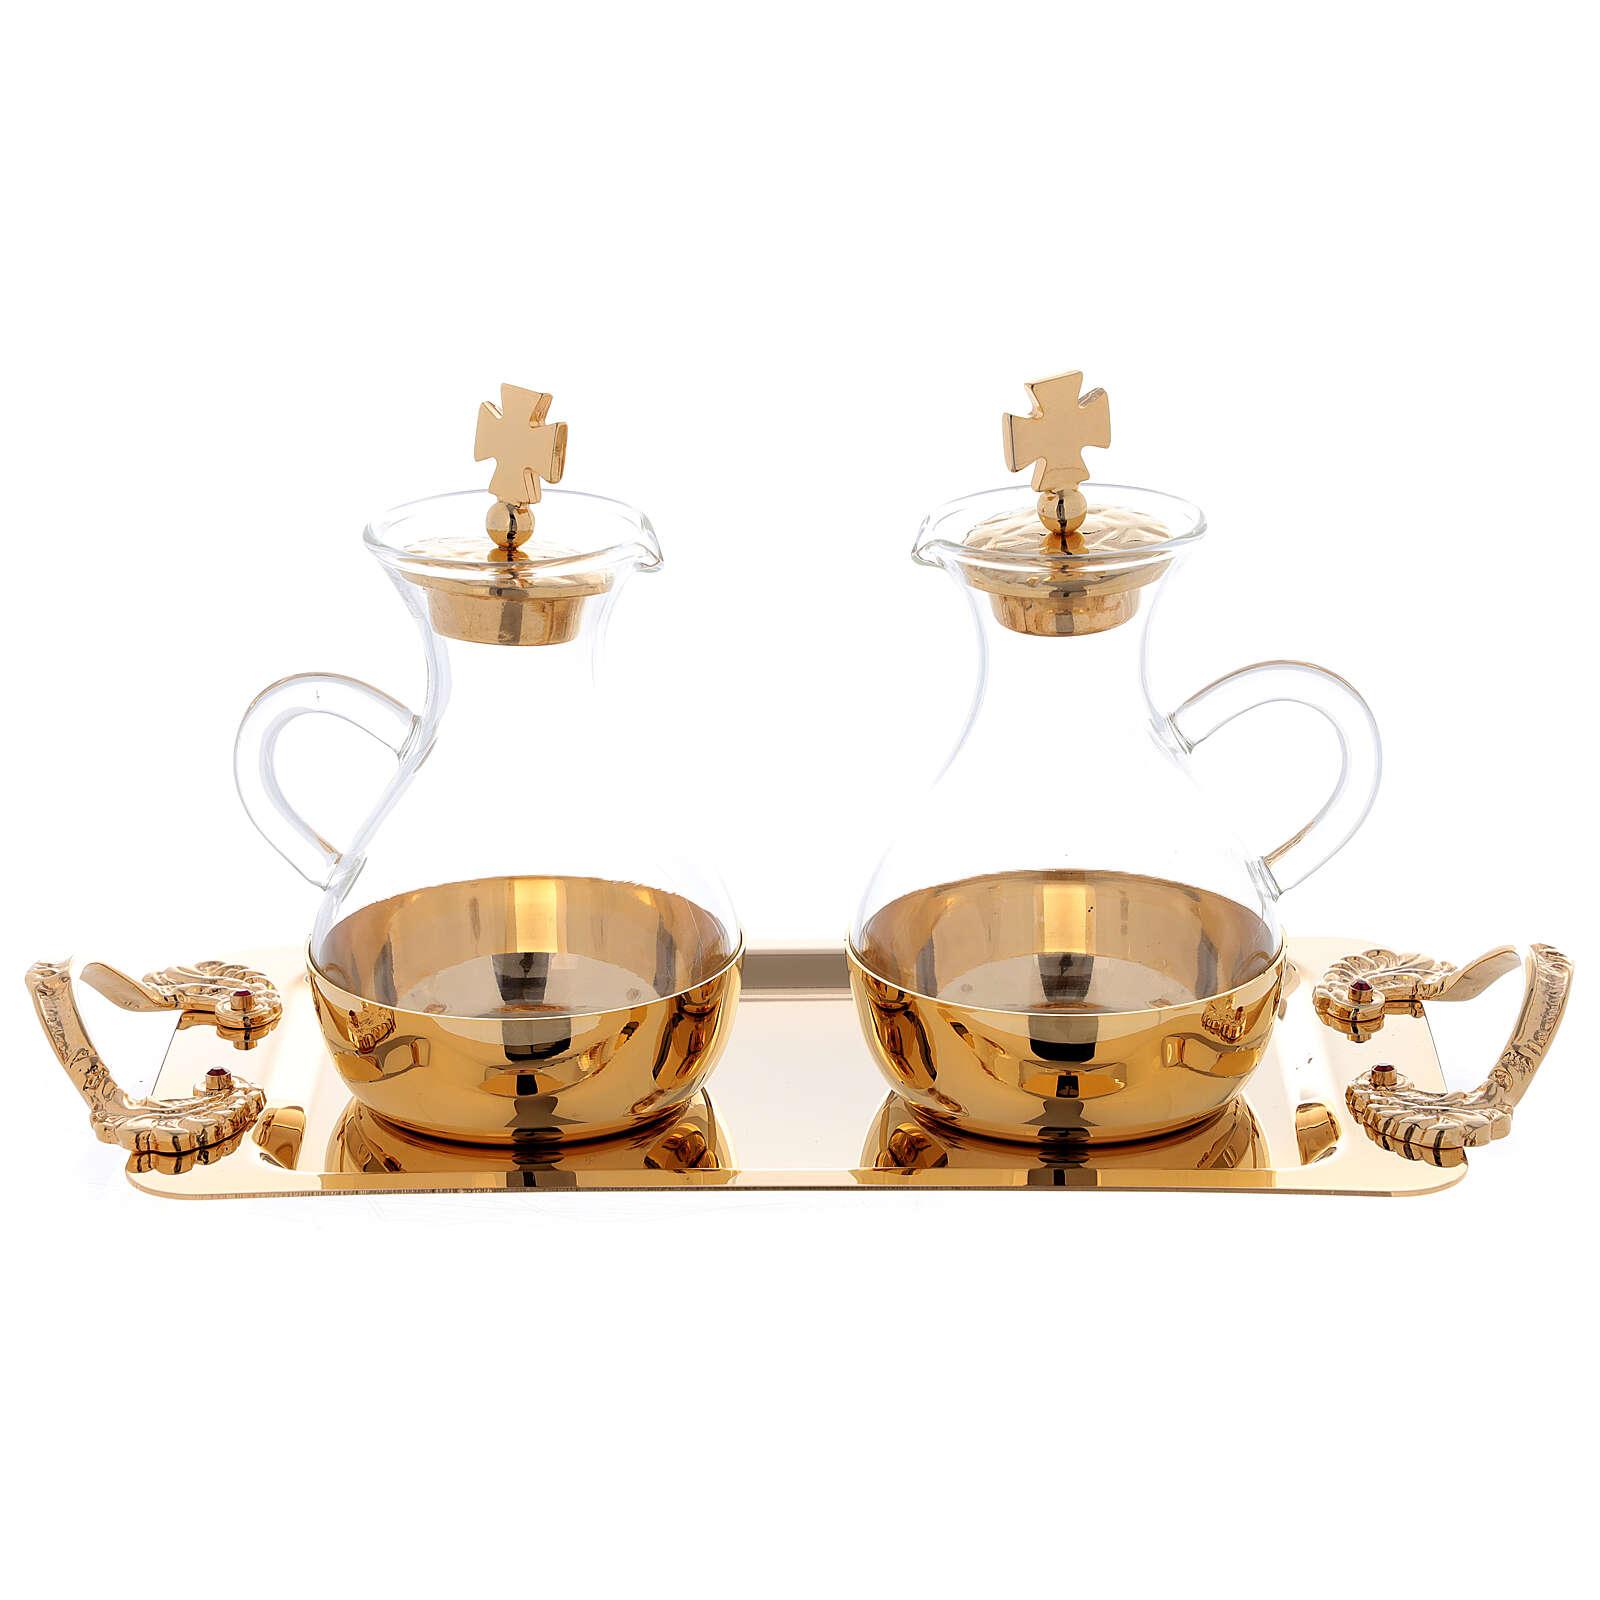 Servicio agua y vino modelo Roma dorado 24 k 4